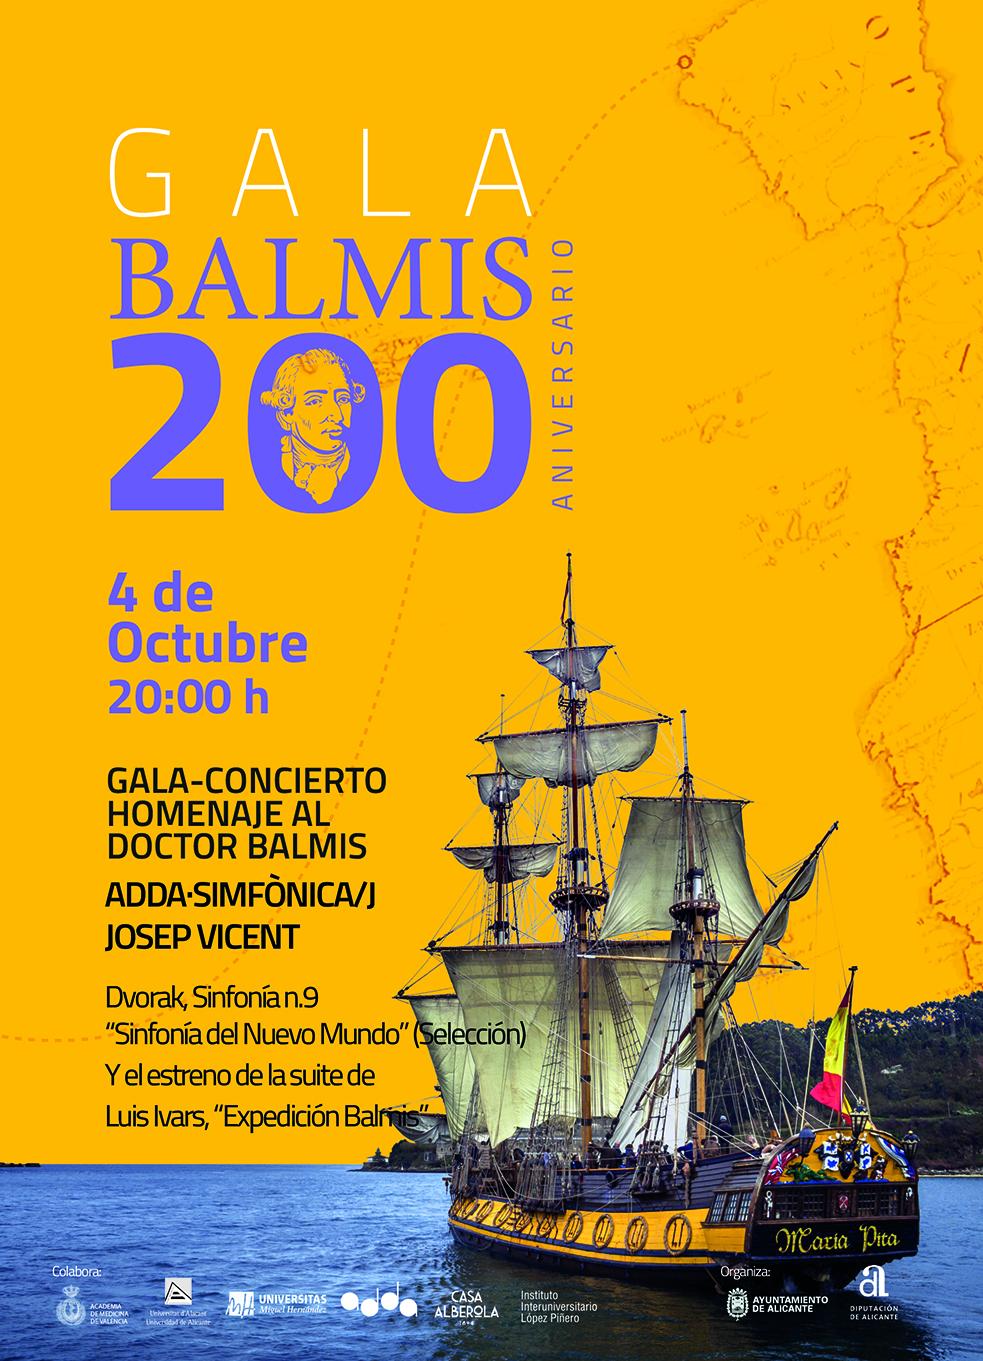 ADDA Simfònica estrena la suite Expedición Balmis en un concierto homenaje al insigne médico alicantino en MÚSICA